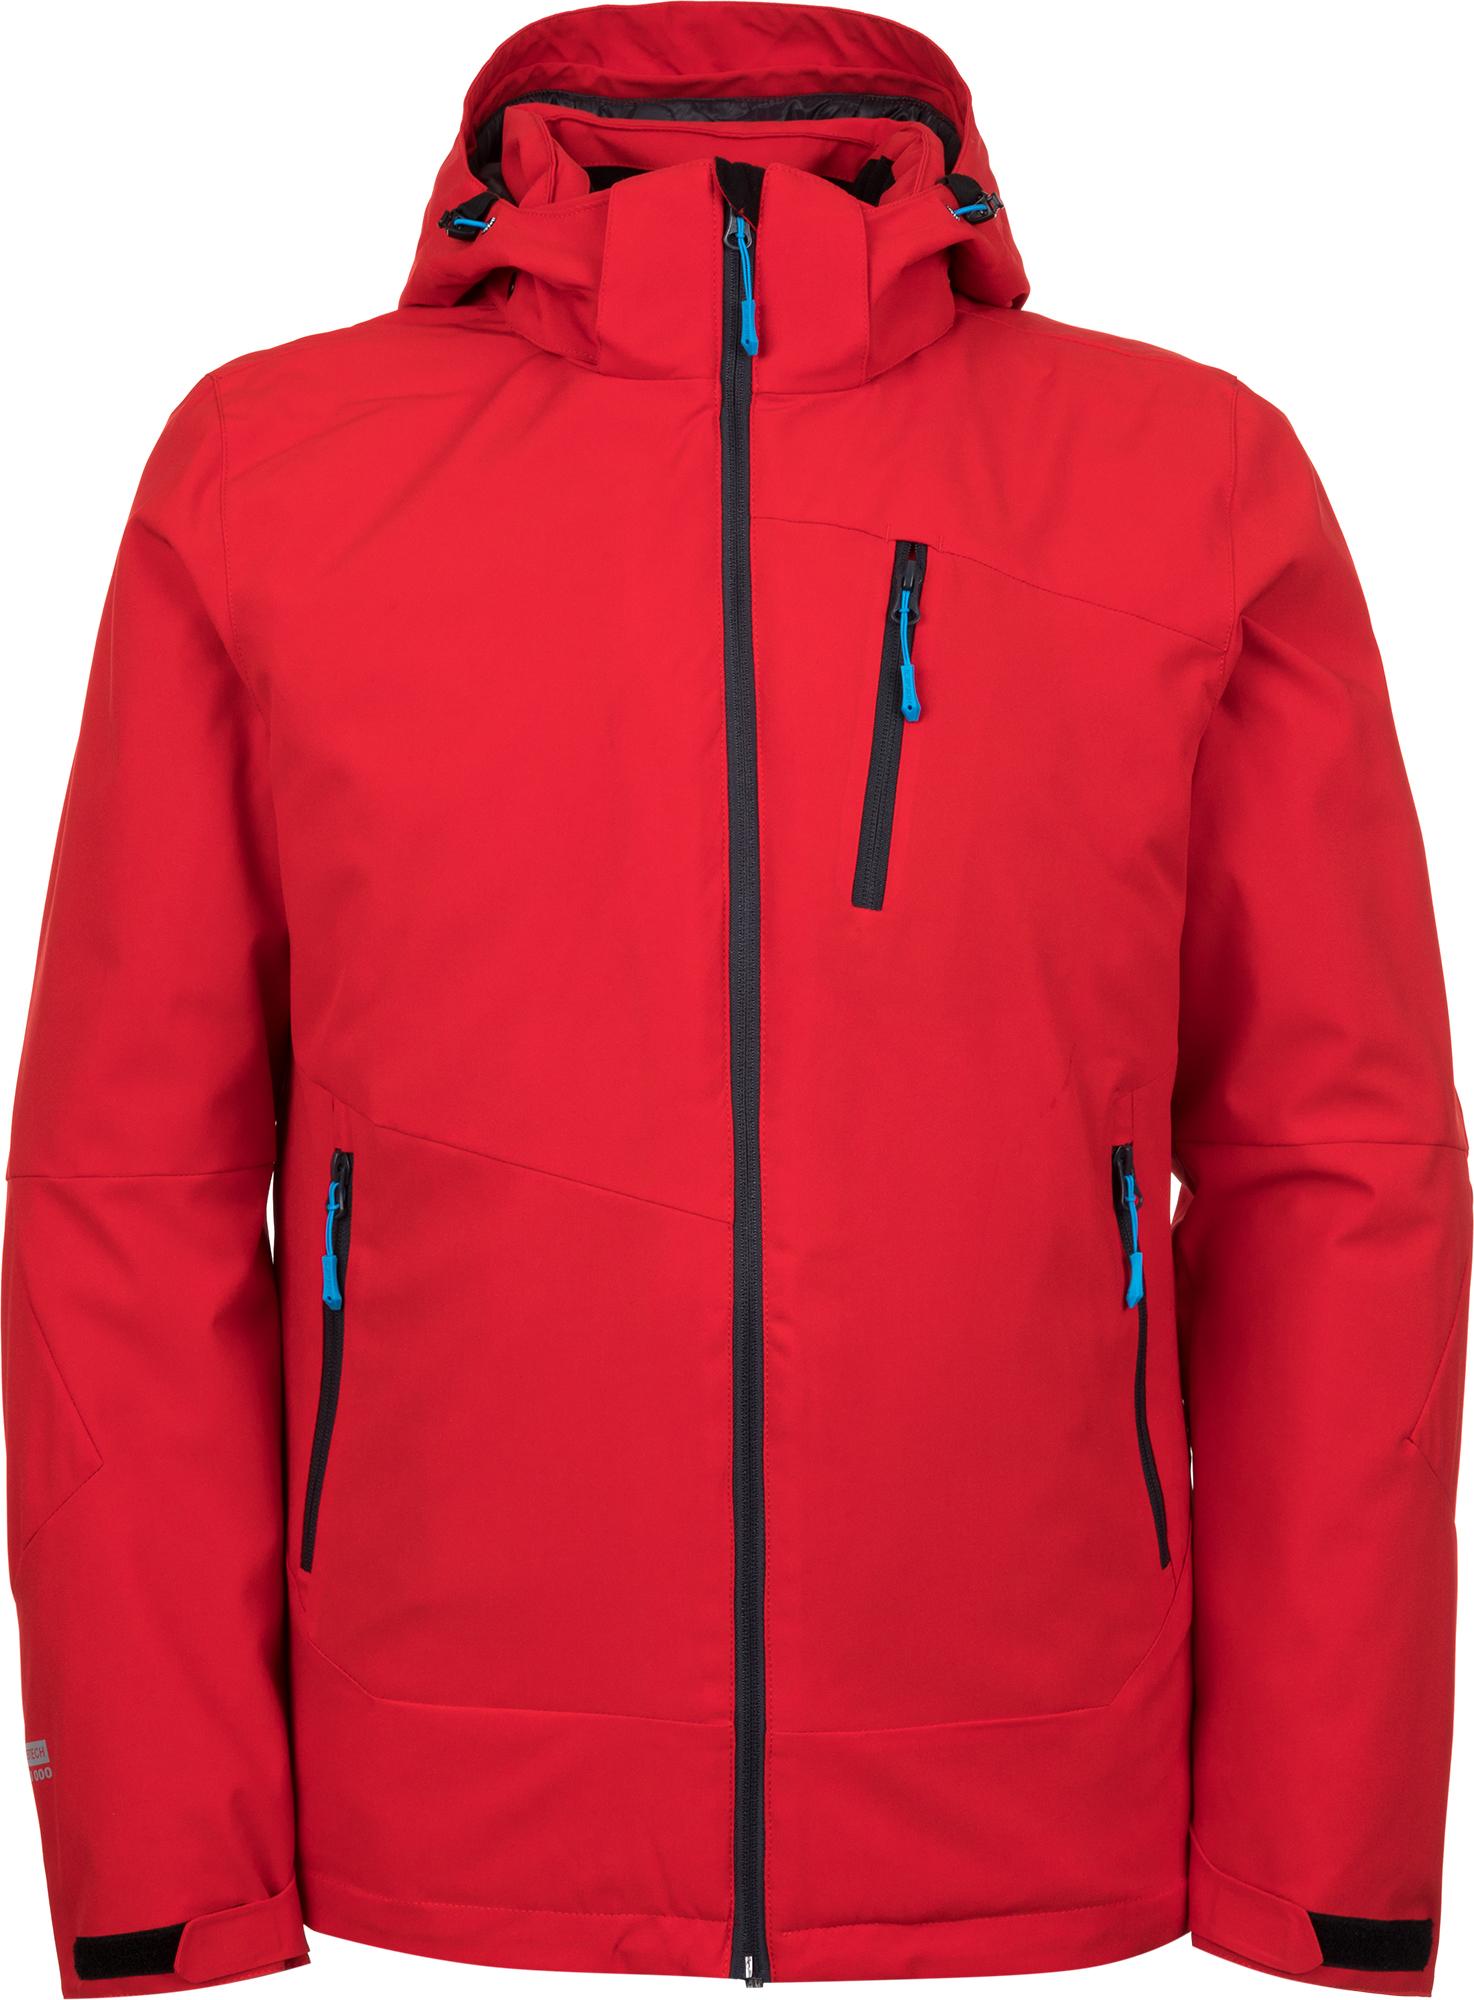 IcePeak Куртка утепленная мужская IcePeak Veeti, размер 54